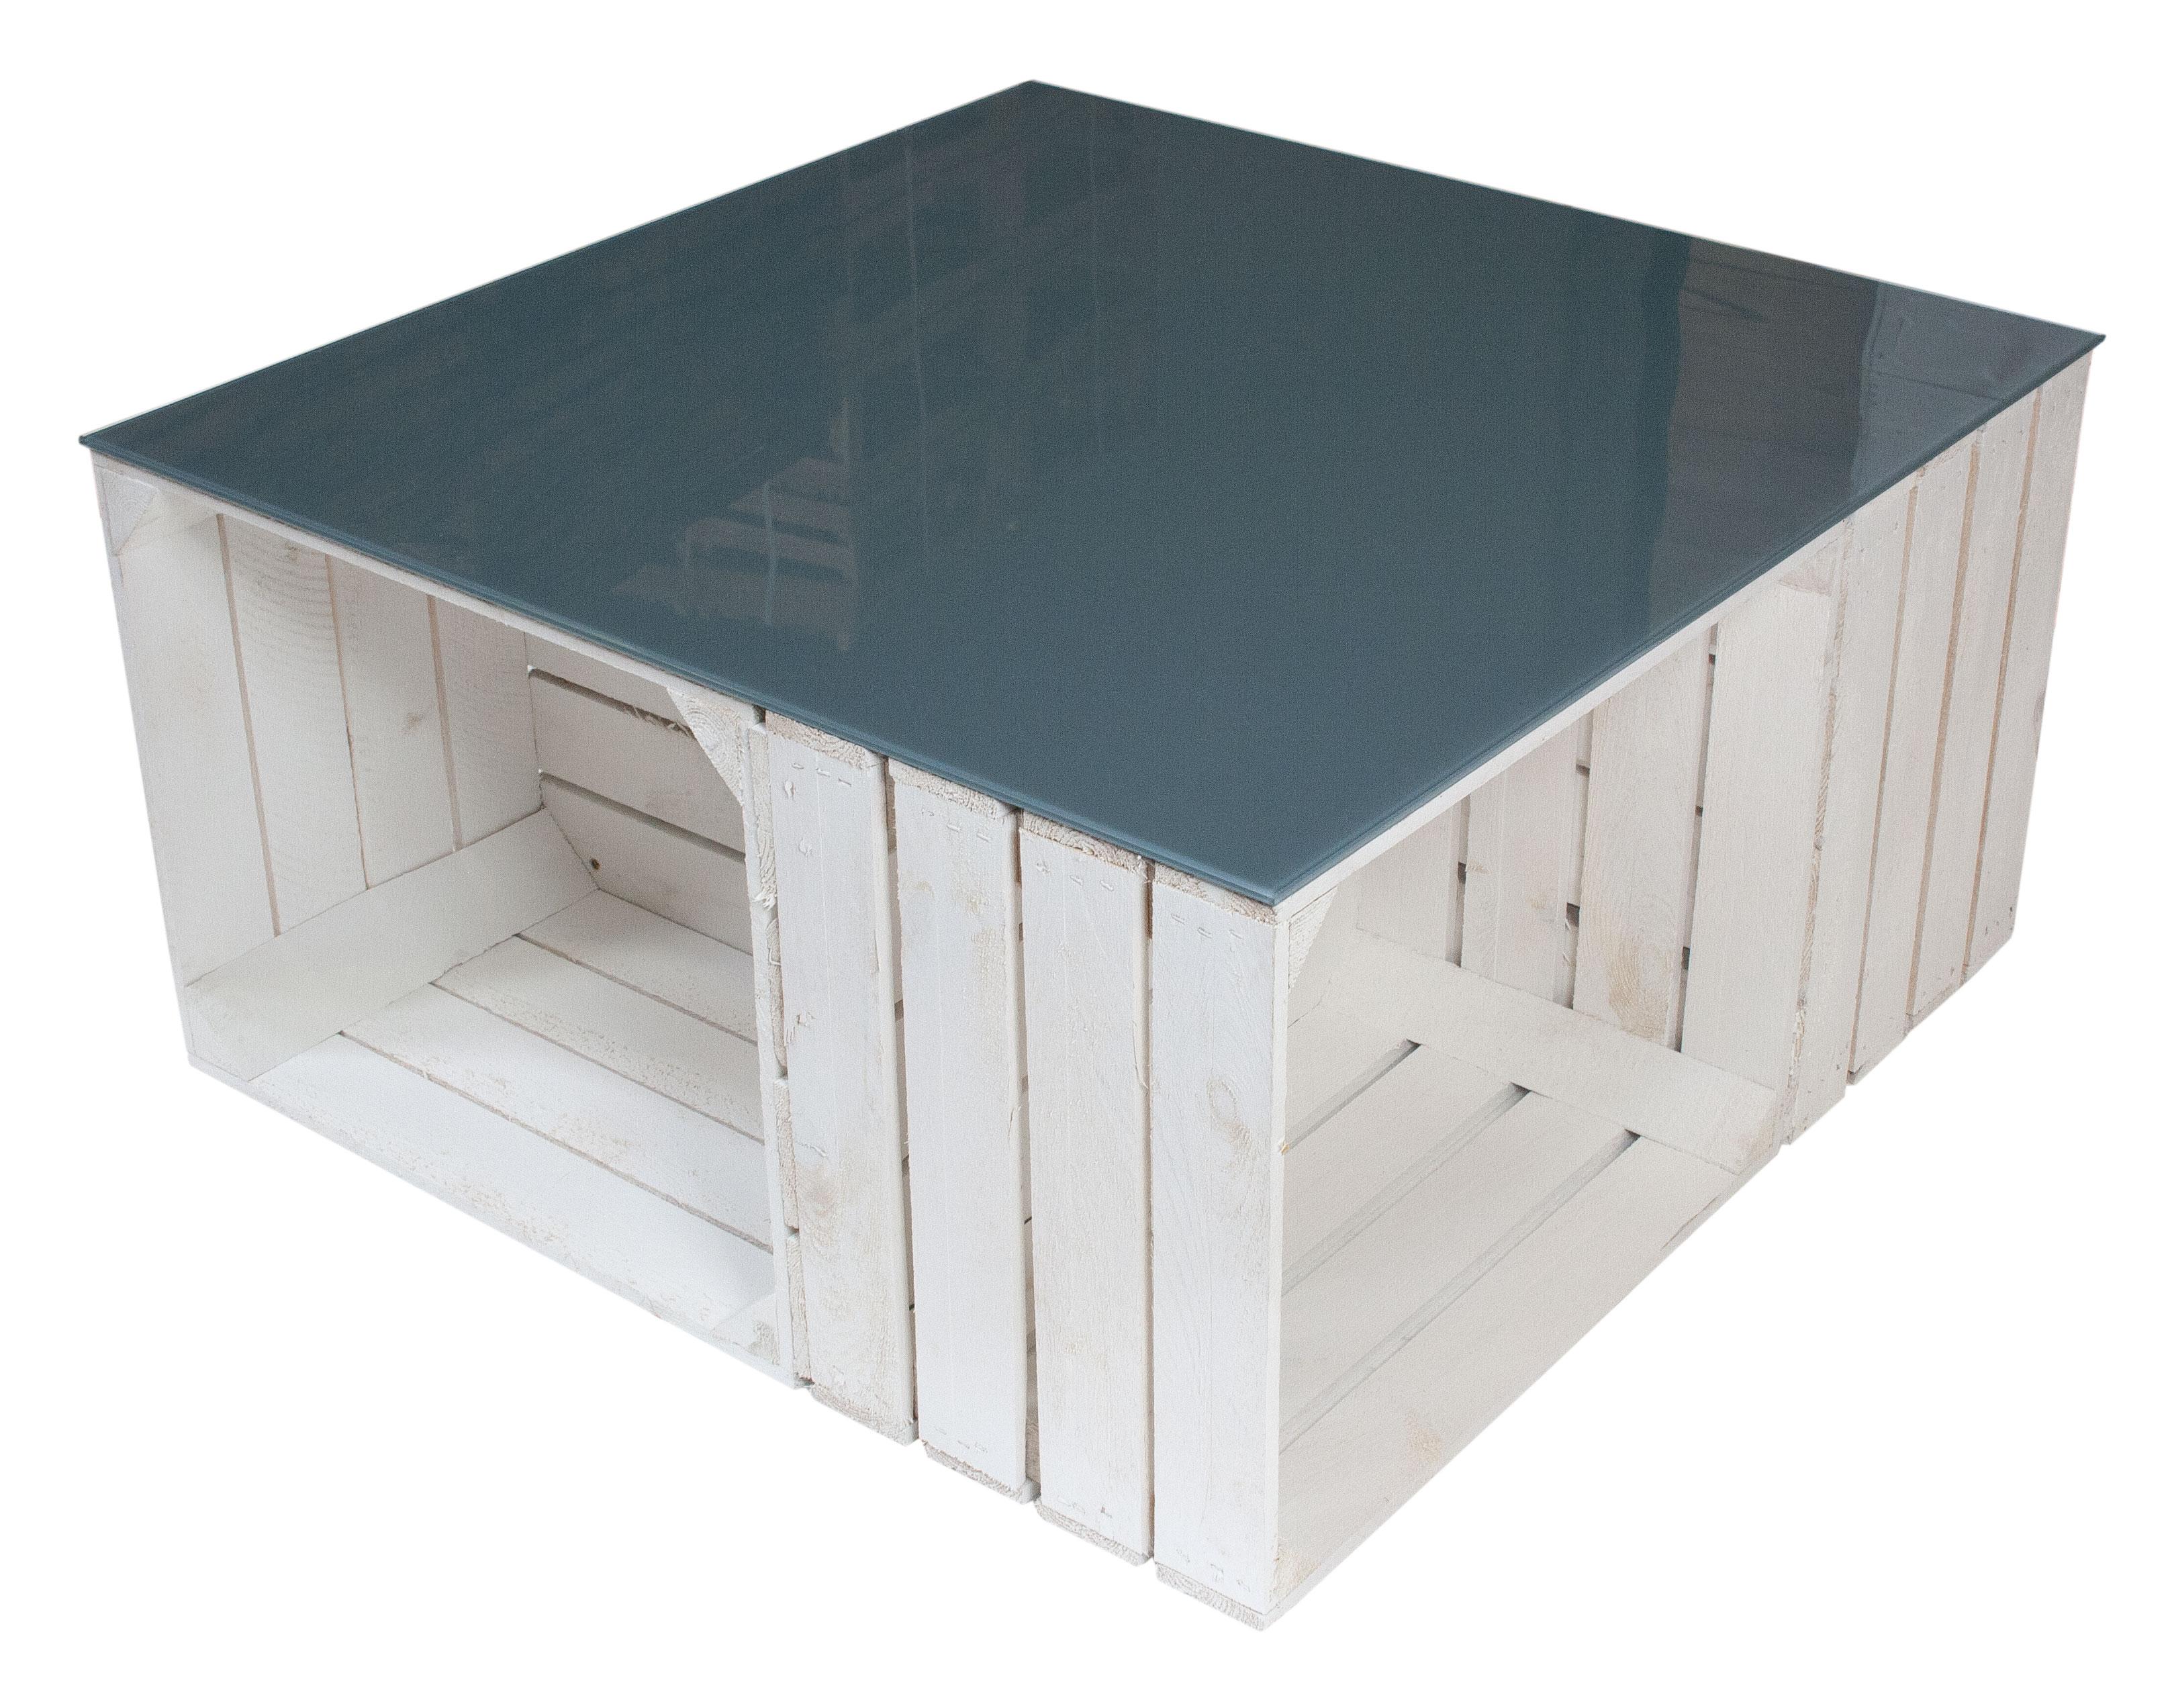 Möbel  Couchtisch aus weißen Apfelkisten auf Rollen inkl